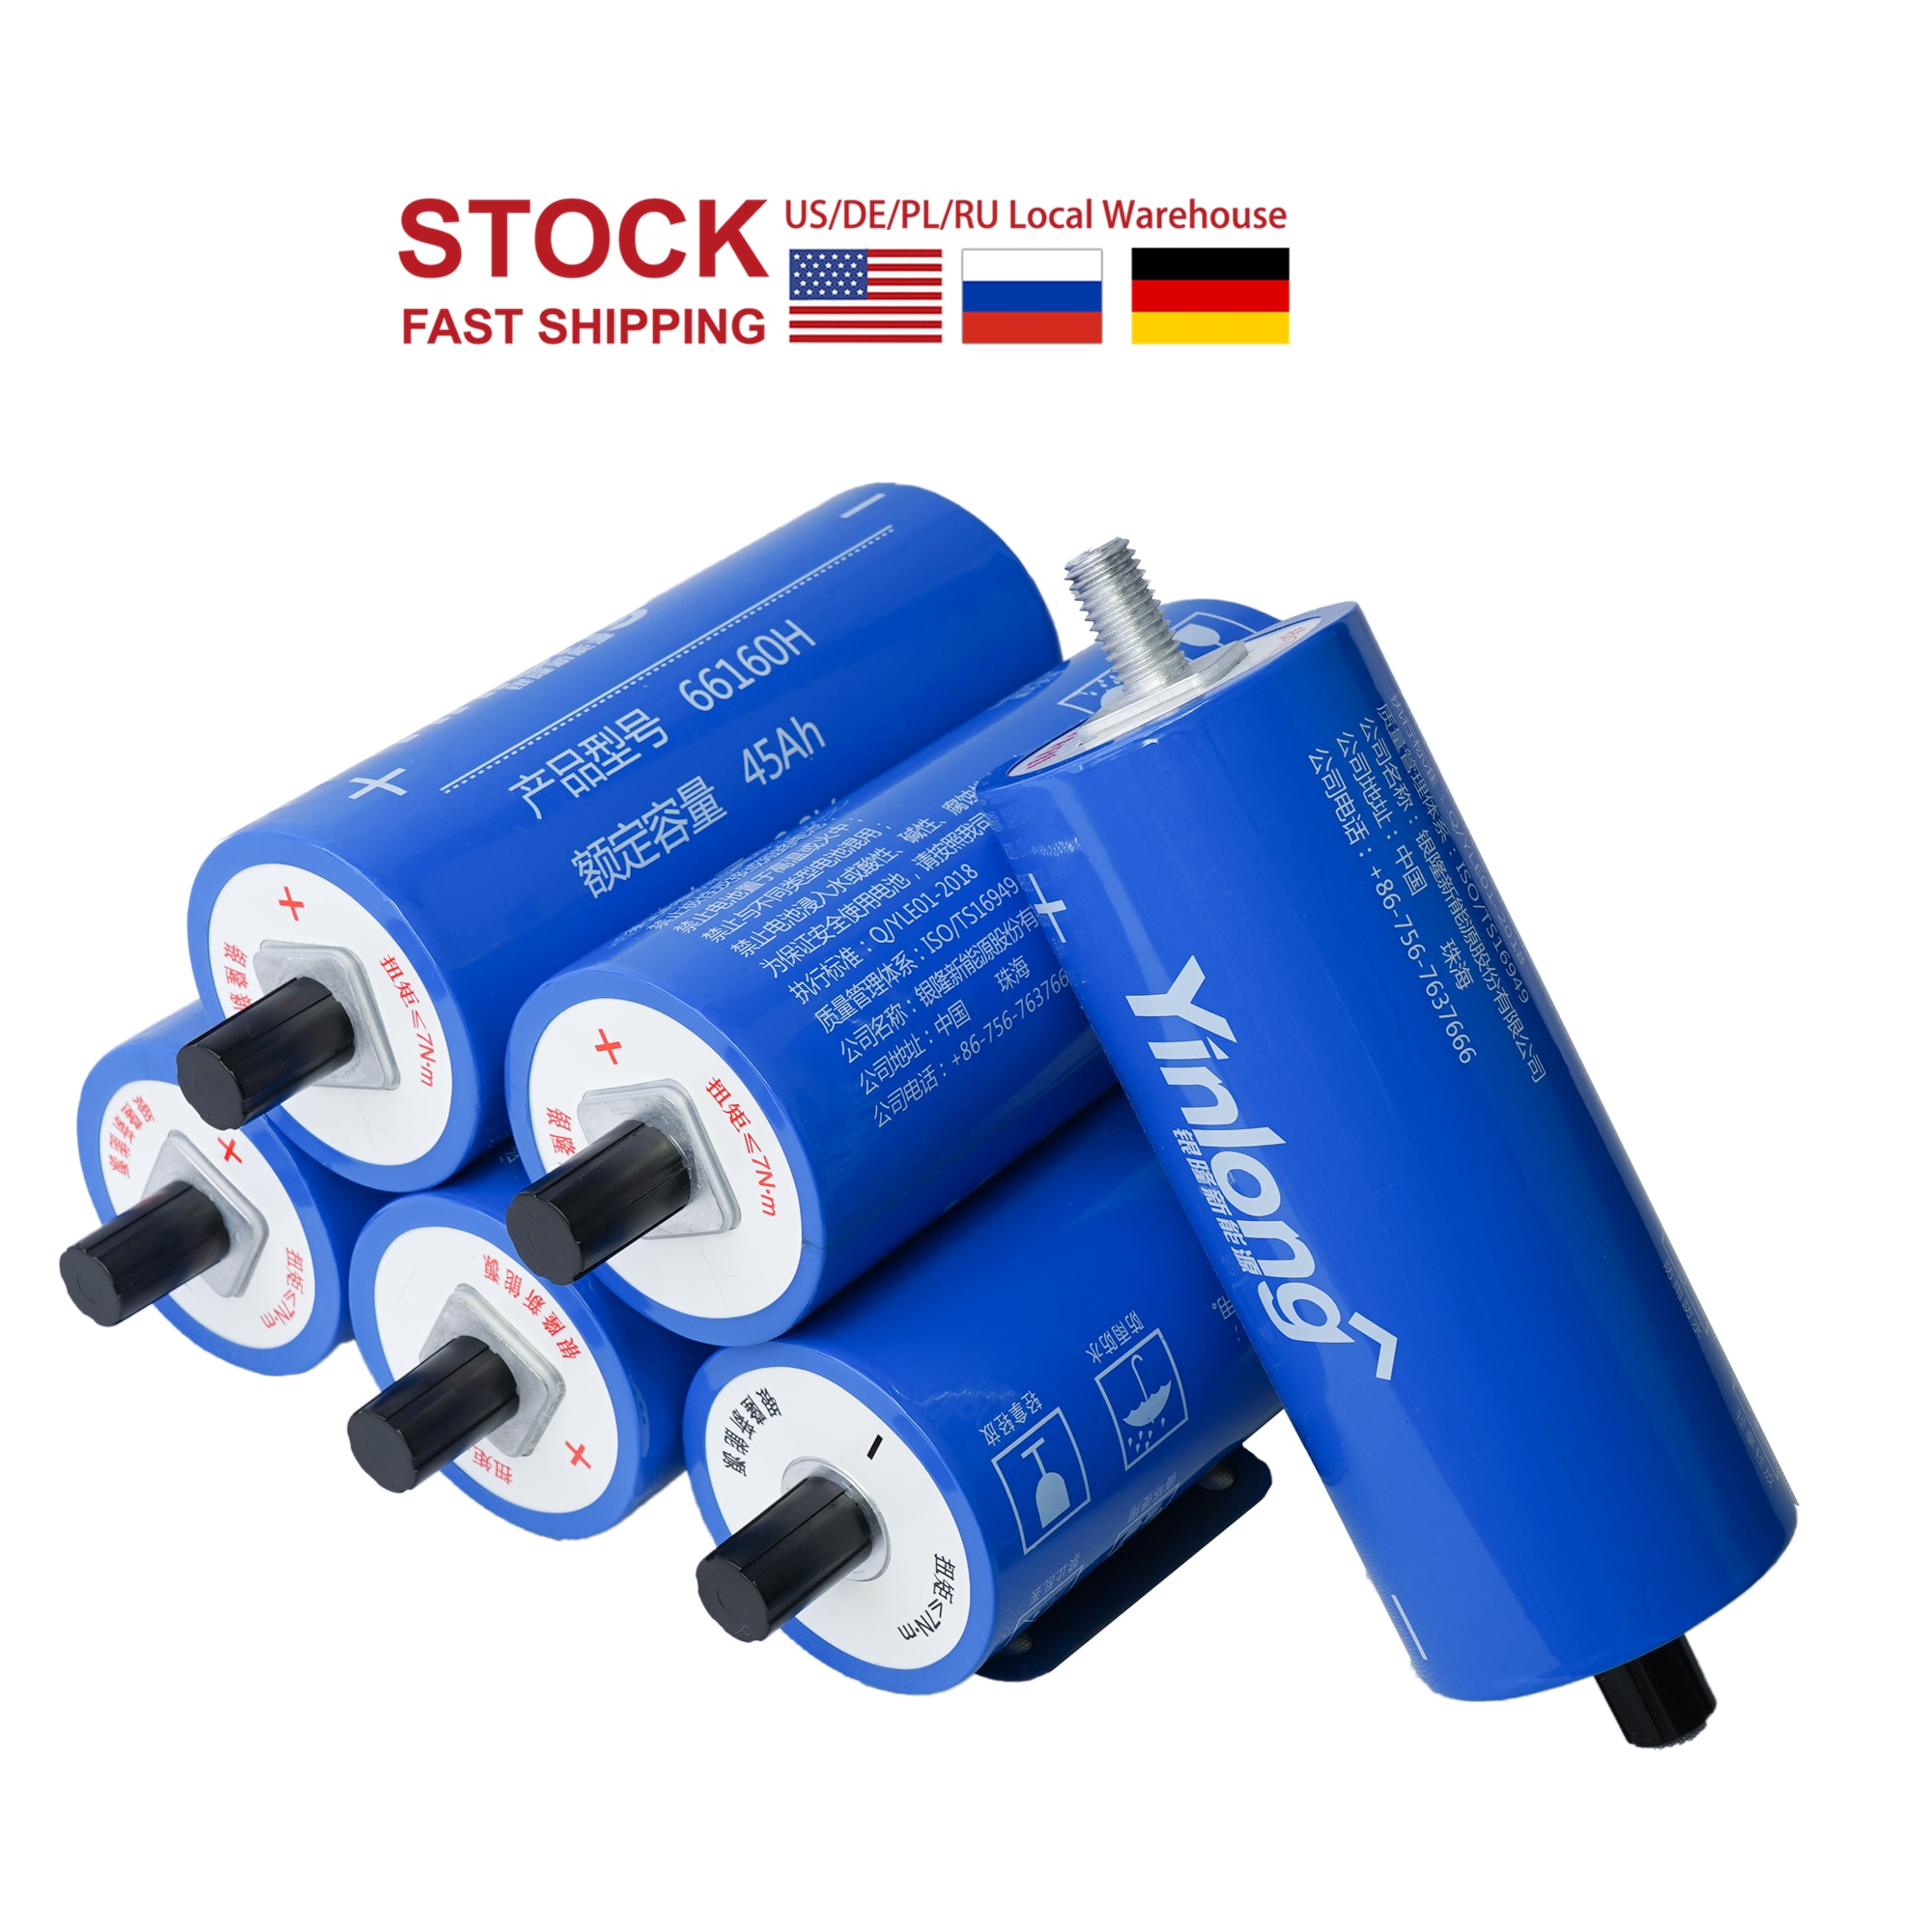 6 uds batería LTO 2,3 V 30Ah grado Original un 66160 de 2,4 V titanato de litio celular de YINLONG UE nos 3-7days entrega 12V 24V 48V 48V EV RV